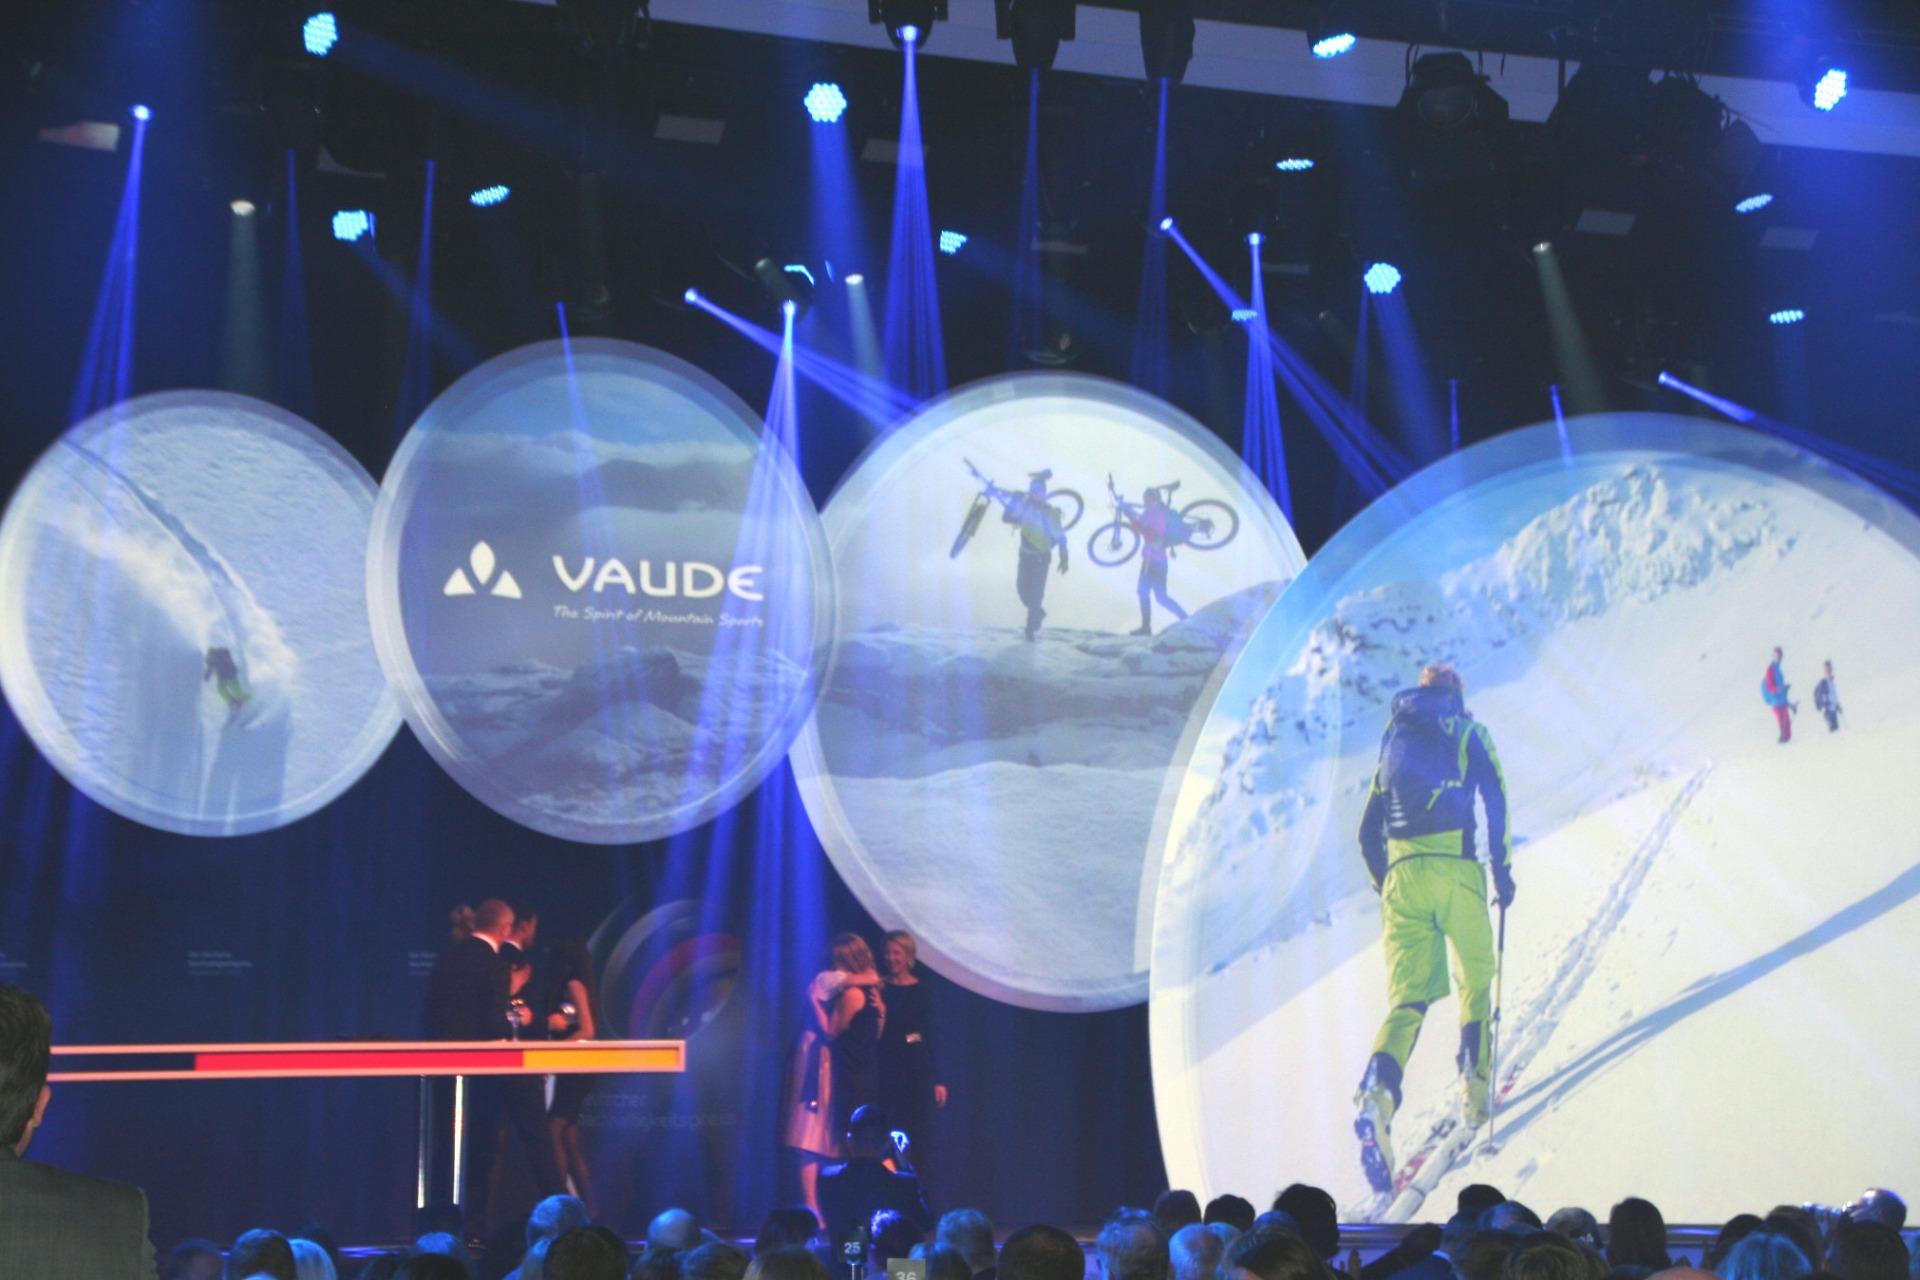 """Als """"nachhaltigste Marke"""" überzeugte VAUDE. Der Mittelständler aus Baden-Württemberg entwickelt, produziert und vertreibt Outdoor-Sportartikel unter Berücksichtigung sehr hoher Nachhaltigkeitsstandards."""